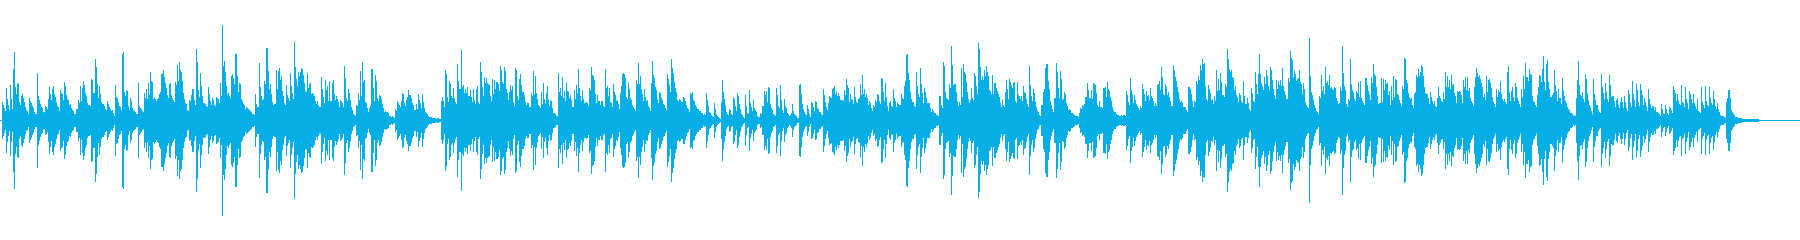 ピアノソロ 切ない 悲しいの再生済みの波形